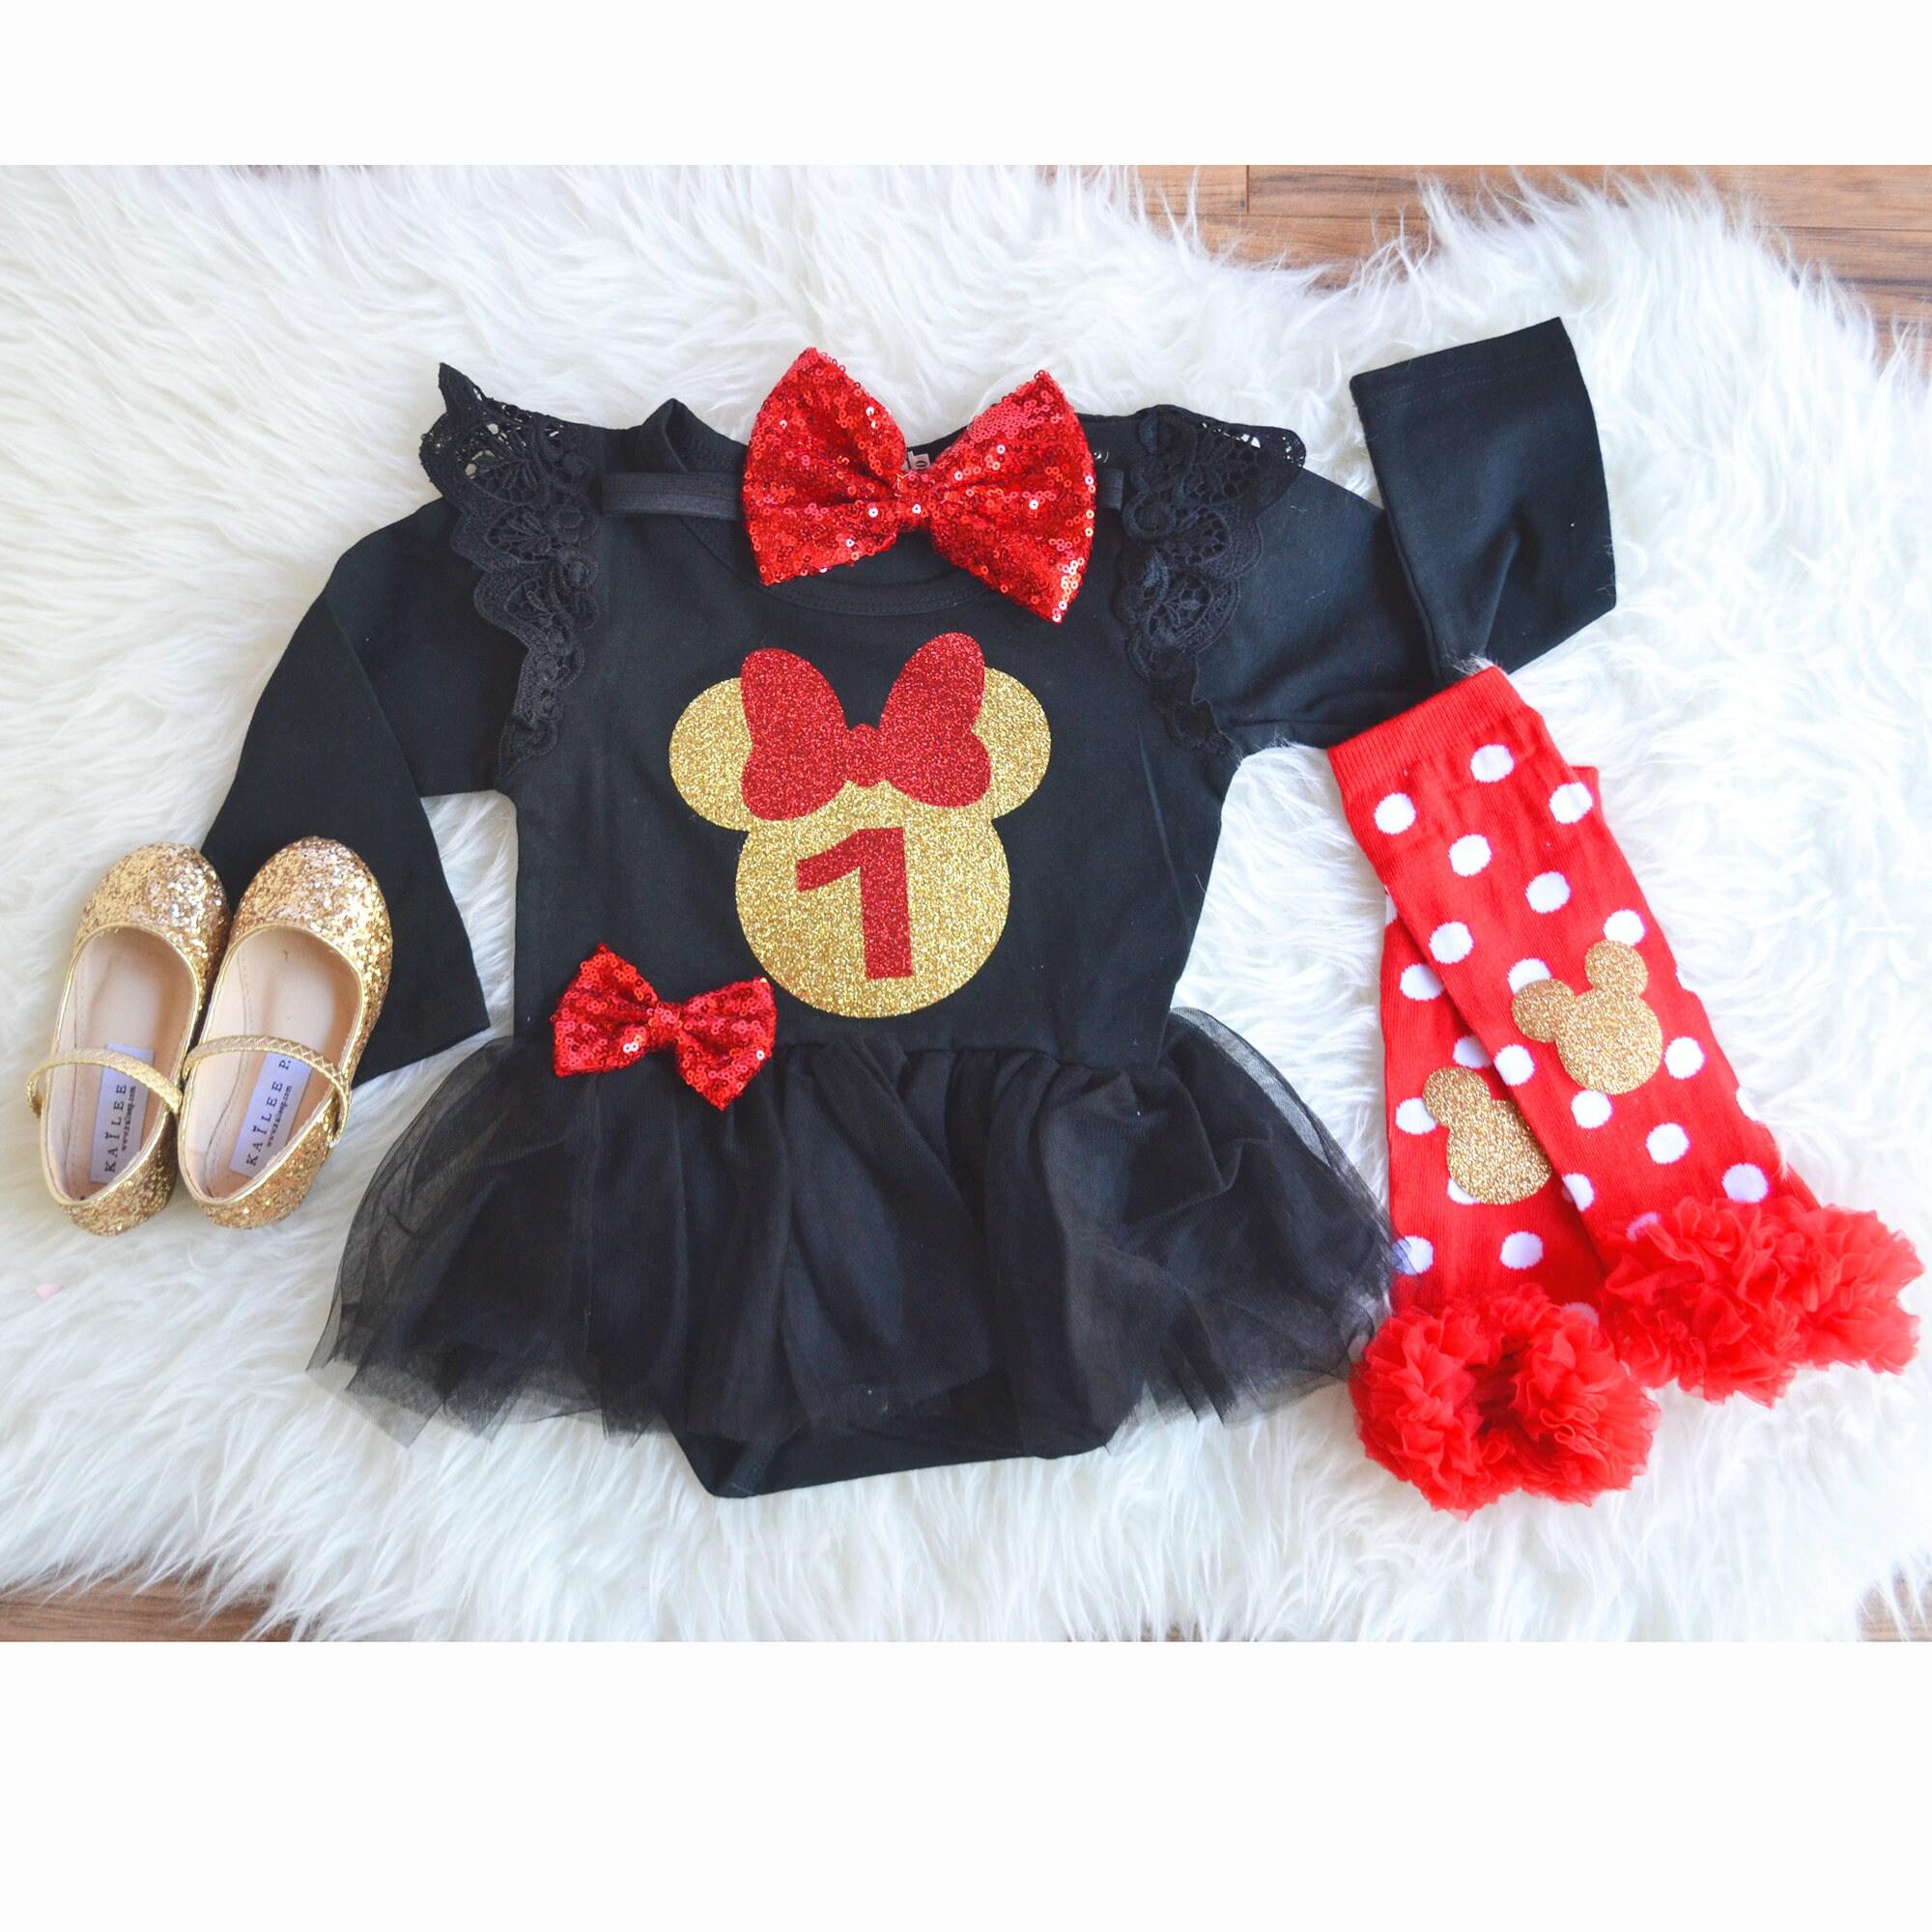 Minnie Maus ersten Geburtstag Outfit Minnie Mouse 1.